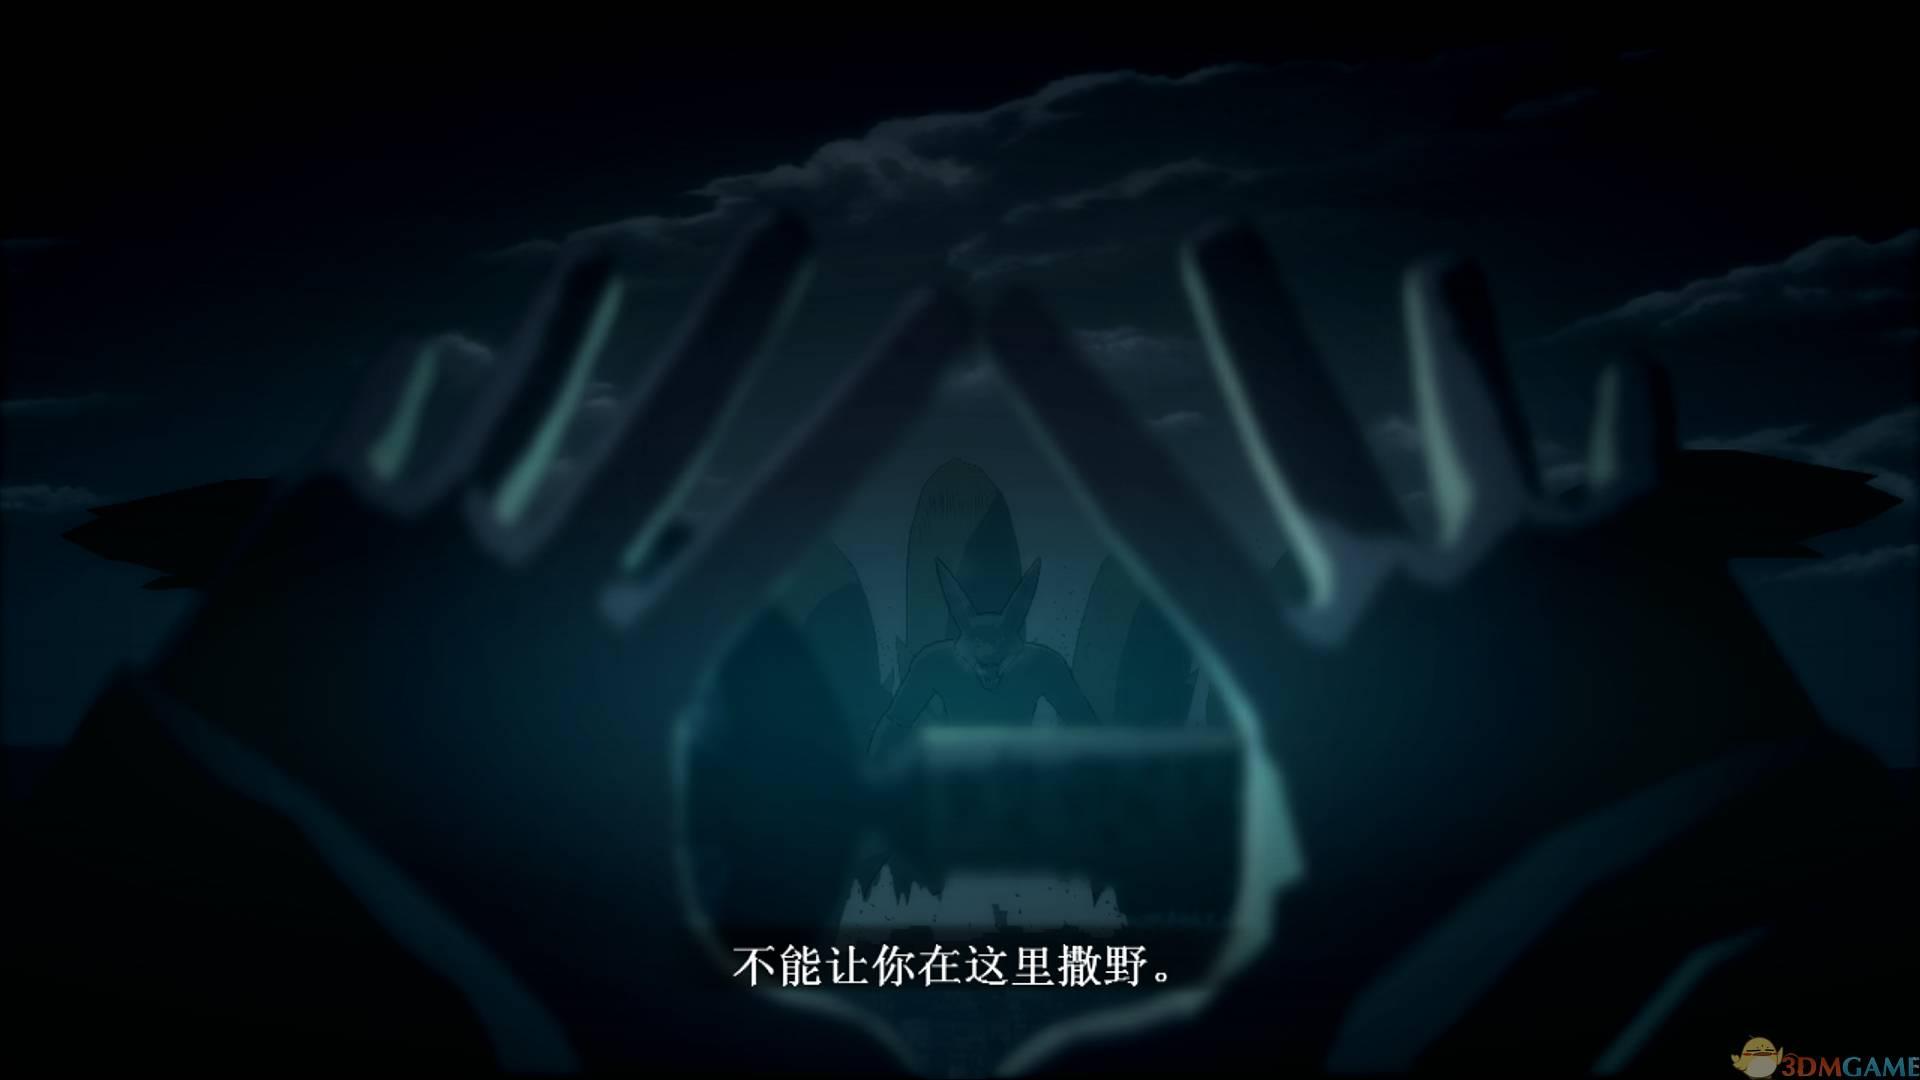 《火影忍者疾风传:究极忍者风暴3》或将登陆PC